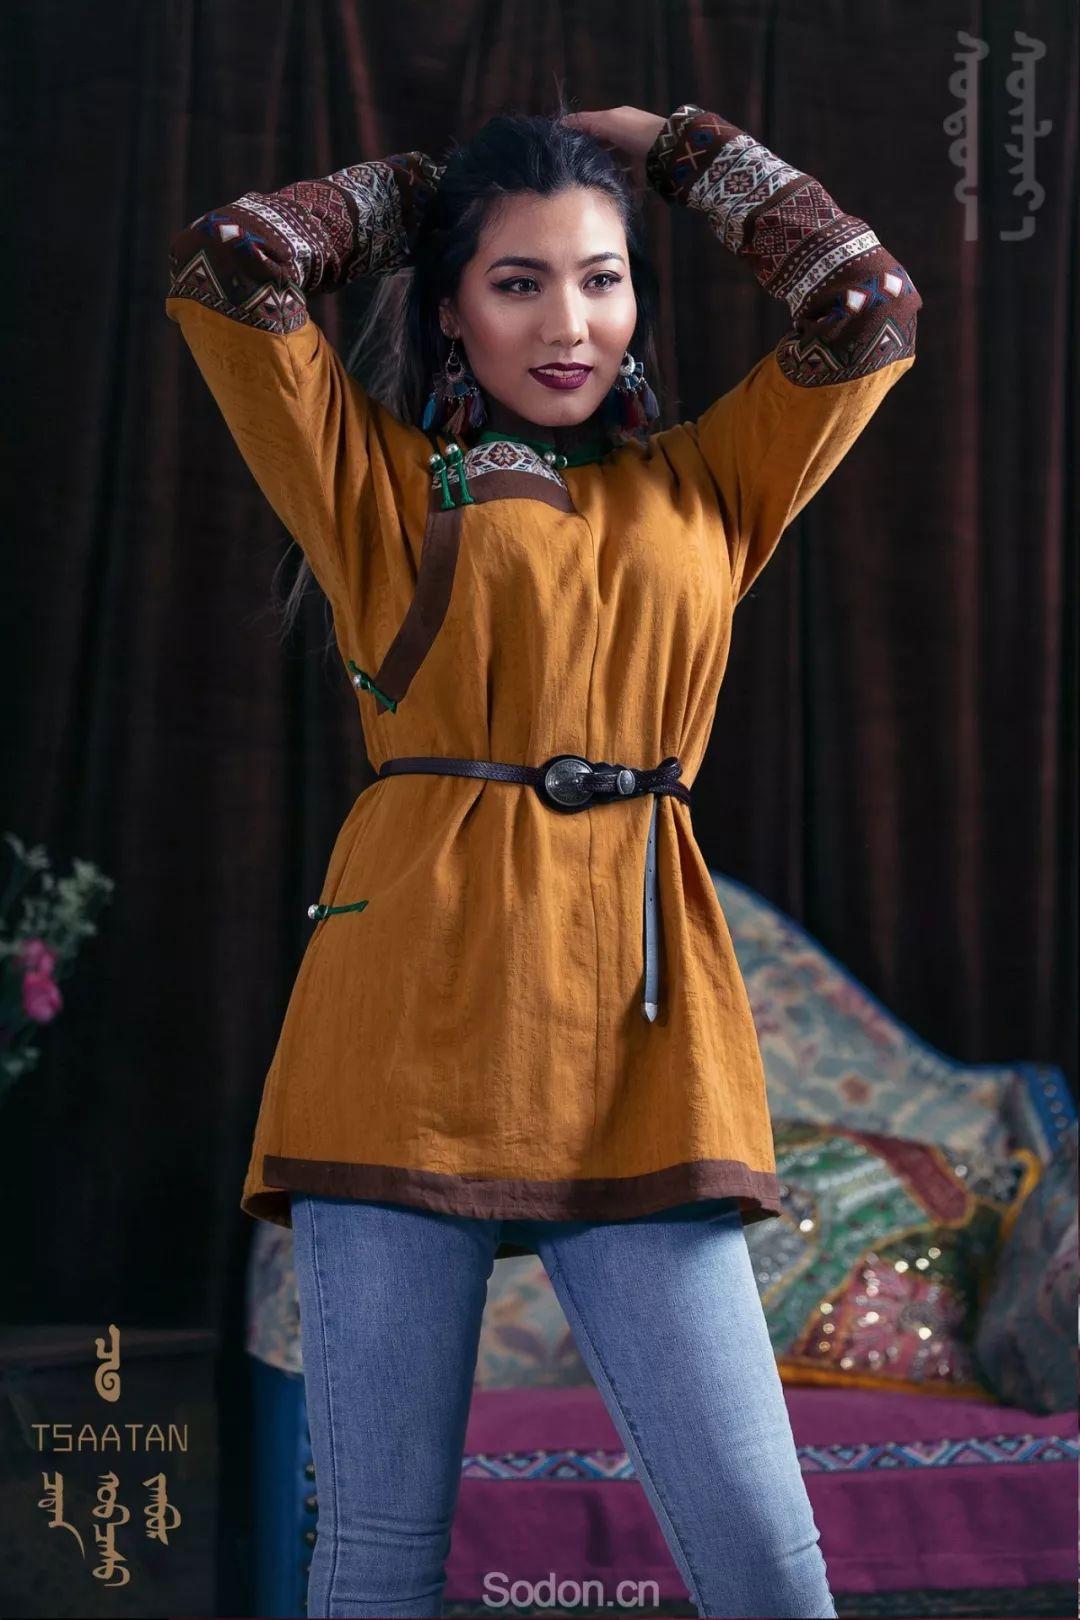 TSAATAN蒙古时装 2019新款,来自驯鹿人的独特魅力! 第61张 TSAATAN蒙古时装 2019新款,来自驯鹿人的独特魅力! 蒙古服饰